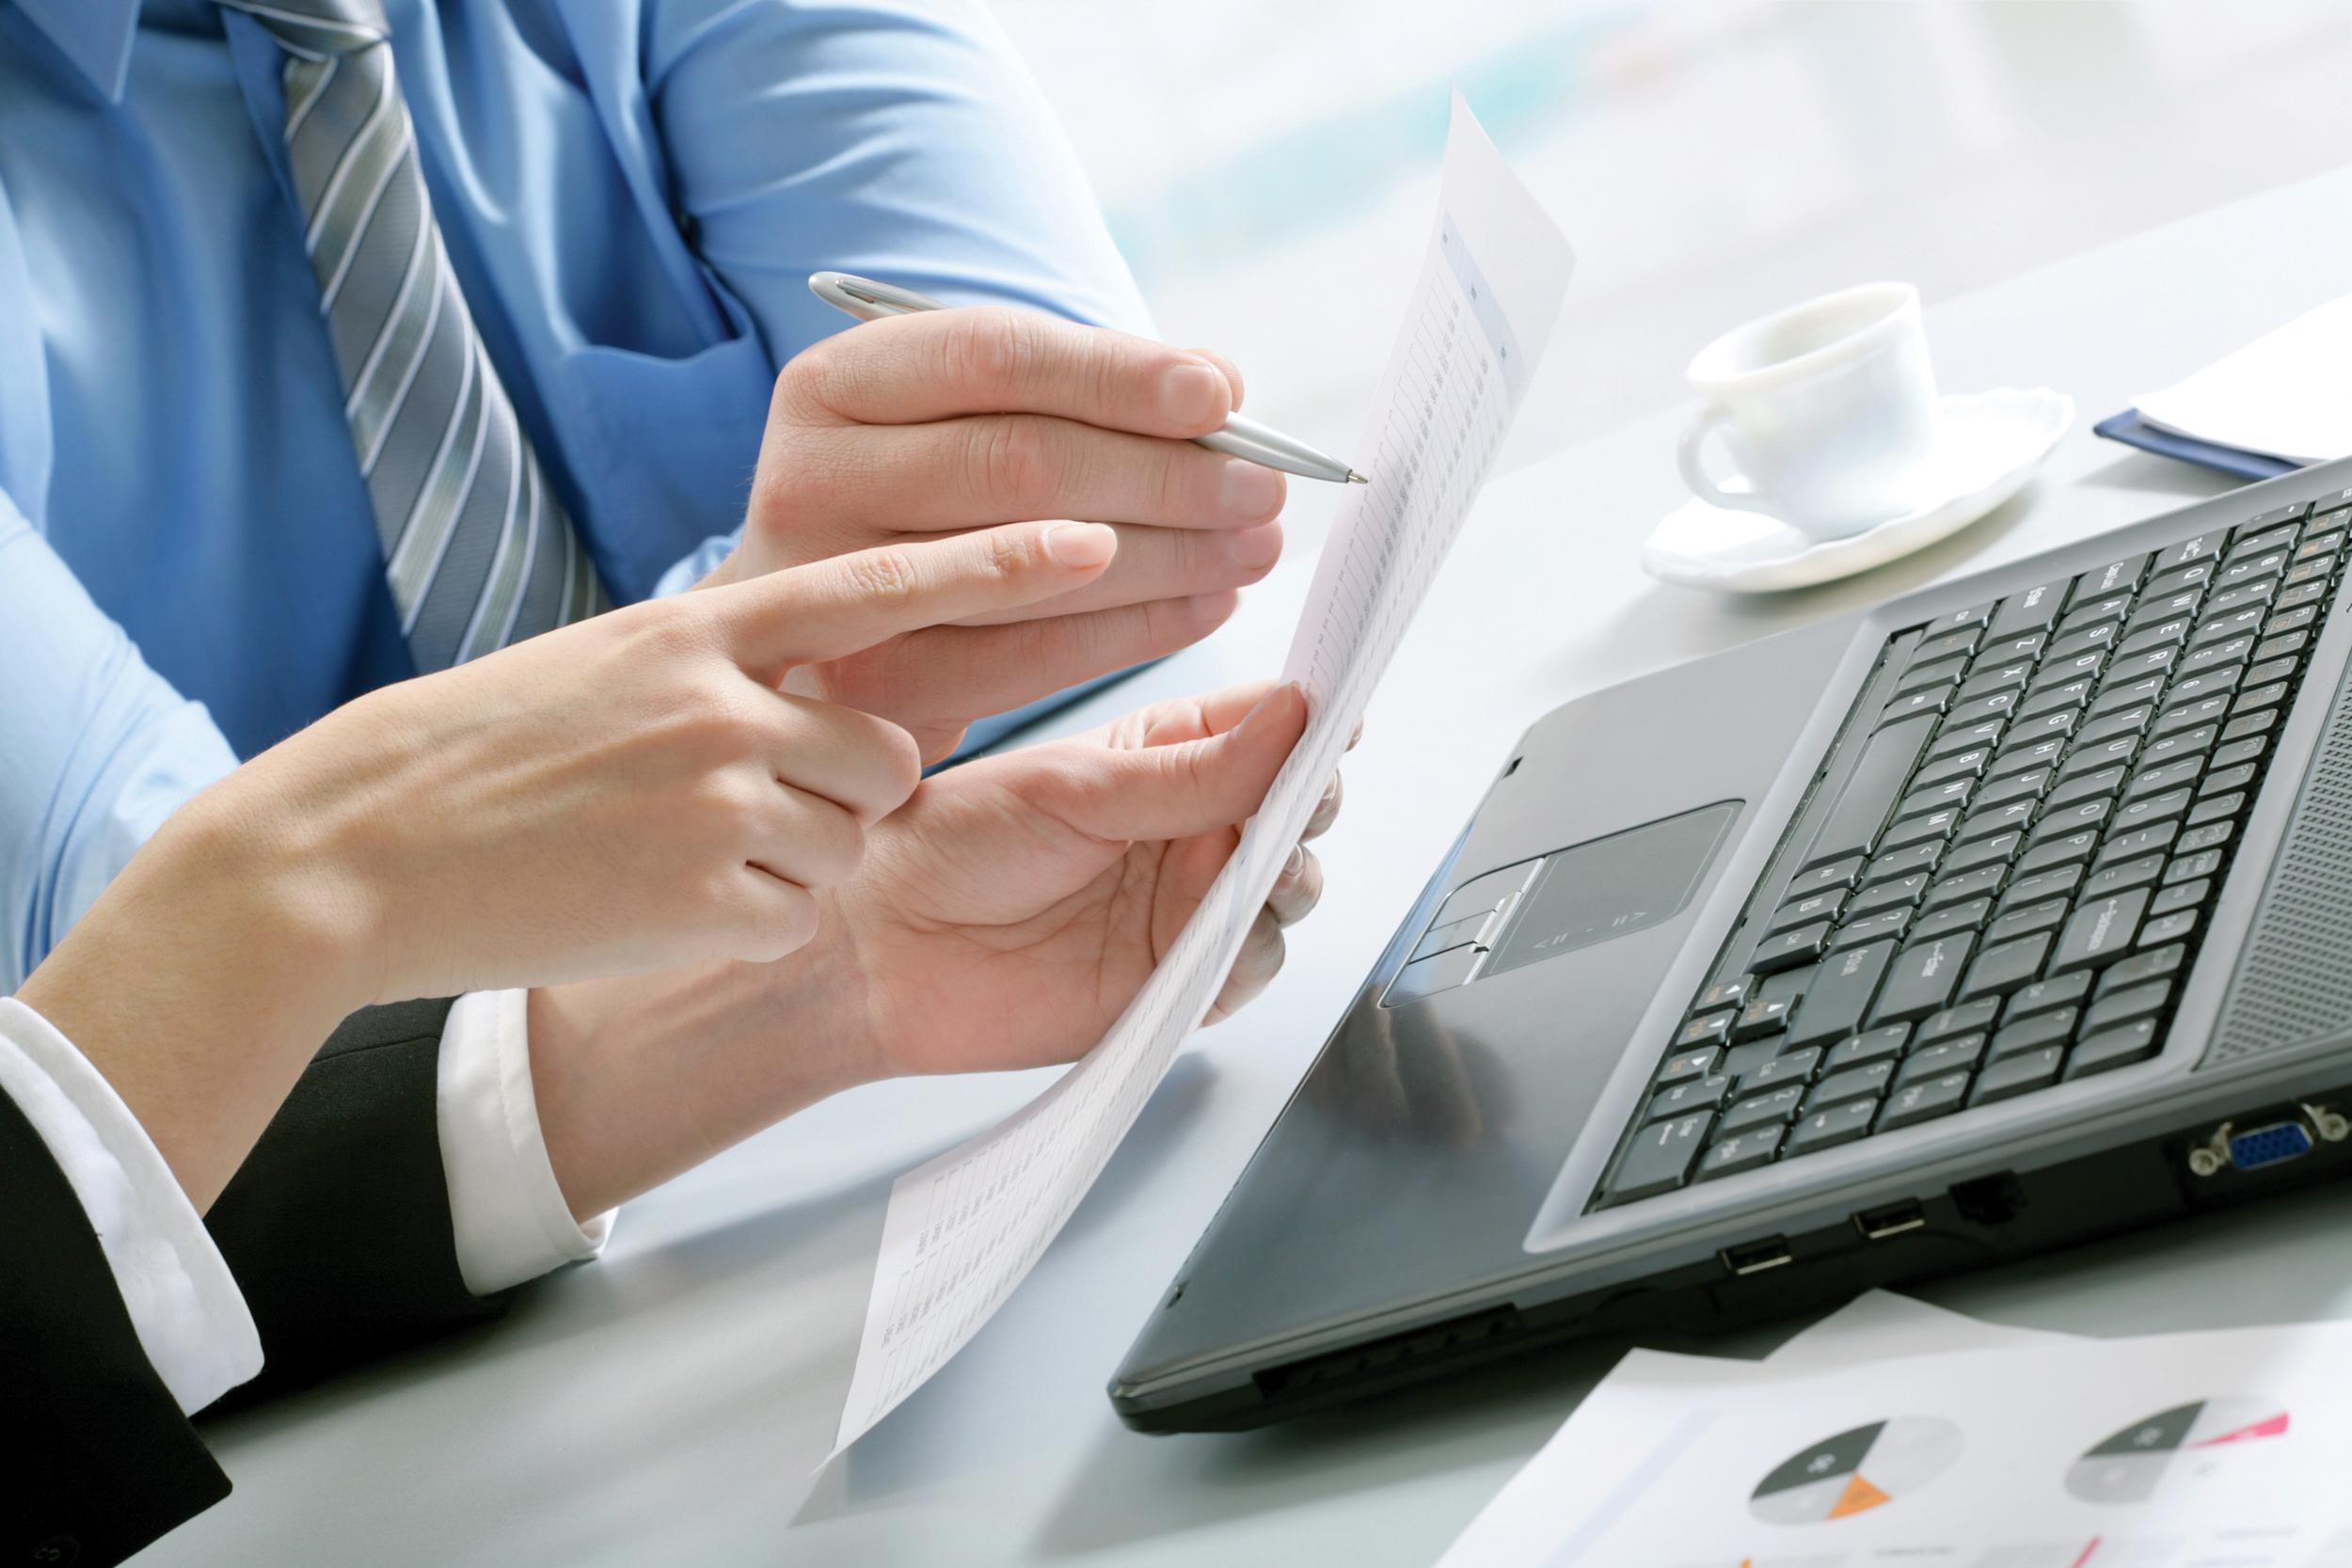 Business-Hands-PC.jpg